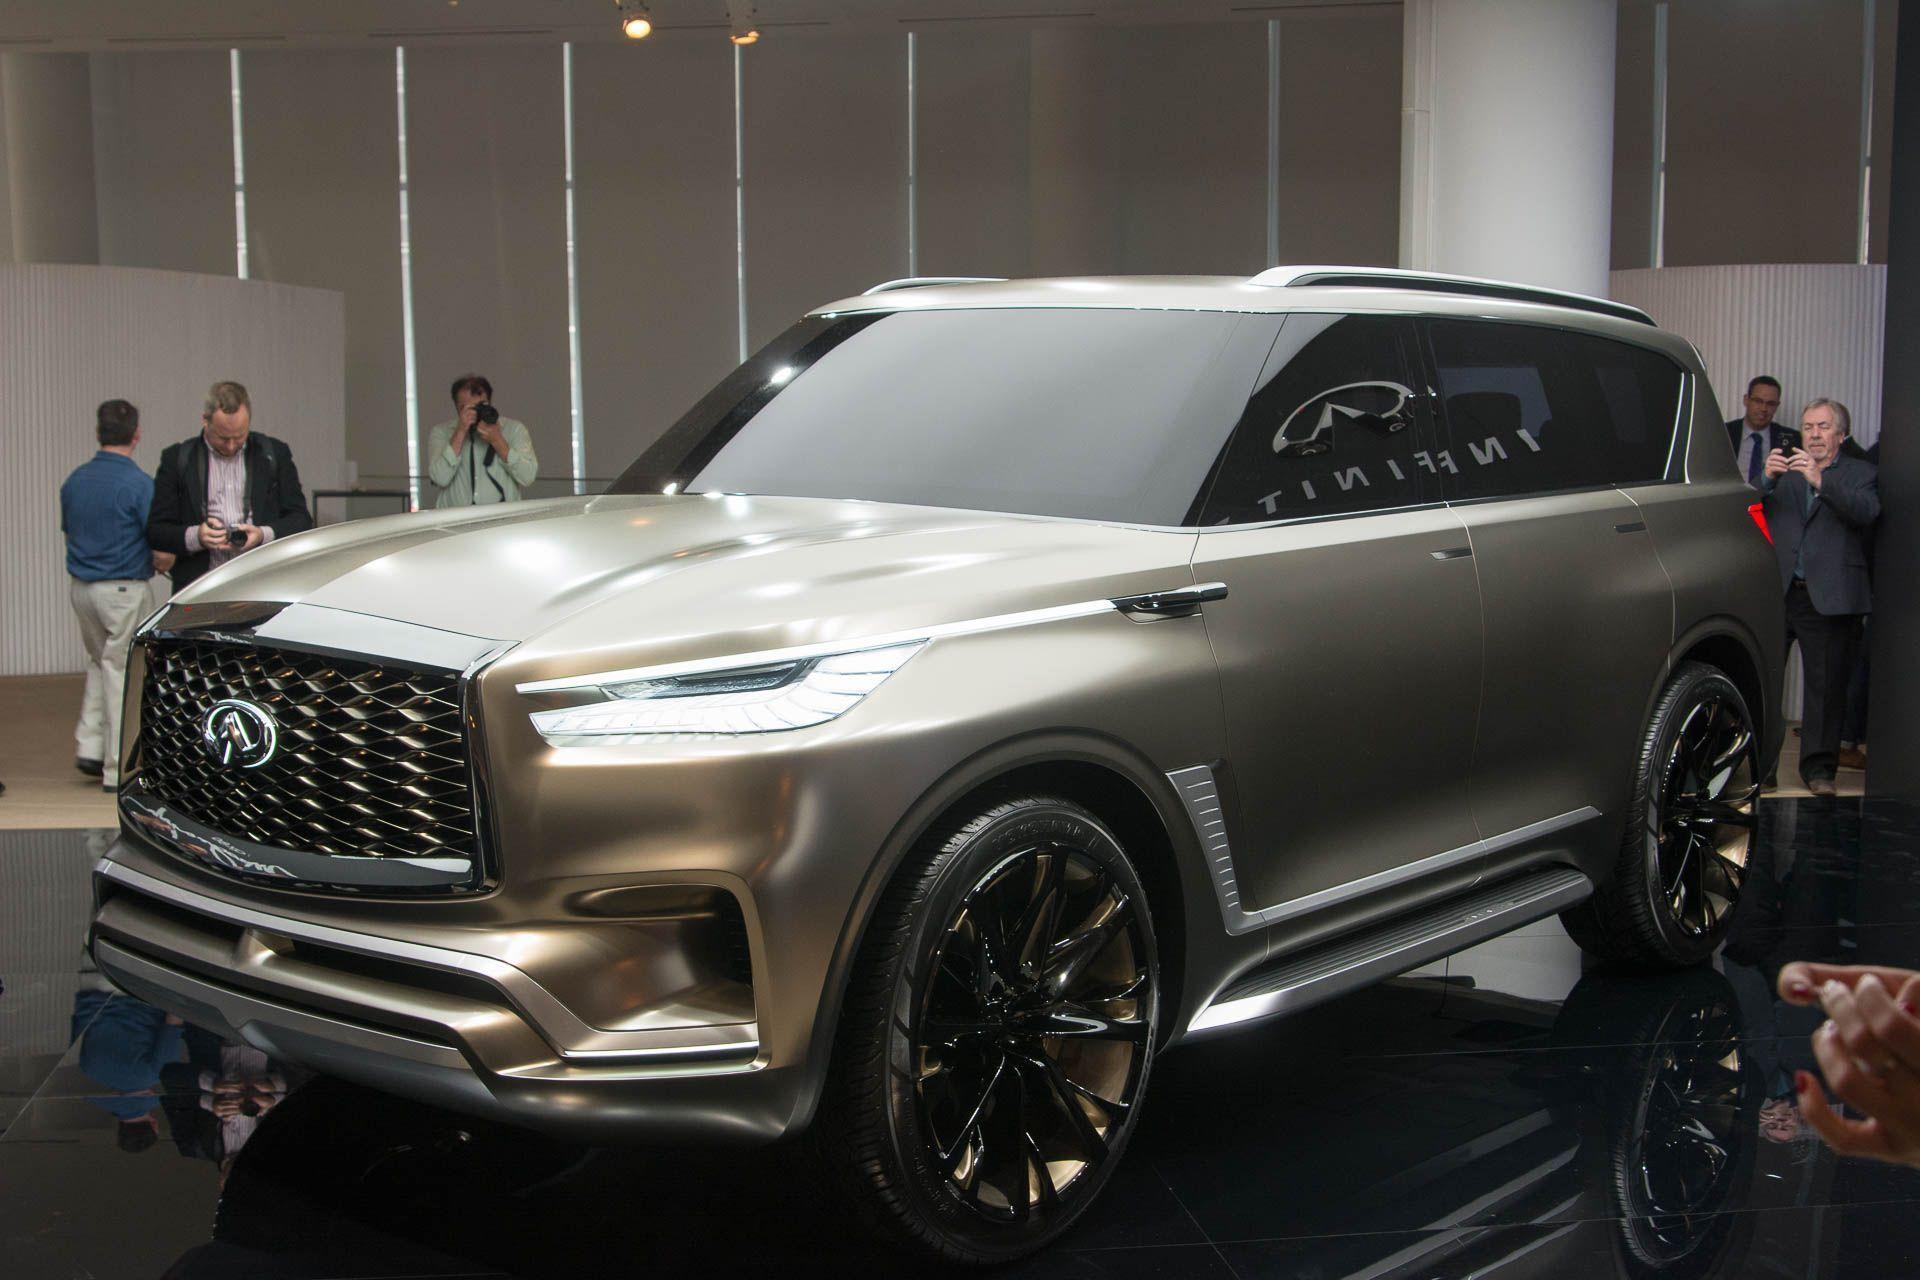 2020 Infiniti Truck Interior Luxury Suv Suv New Infiniti